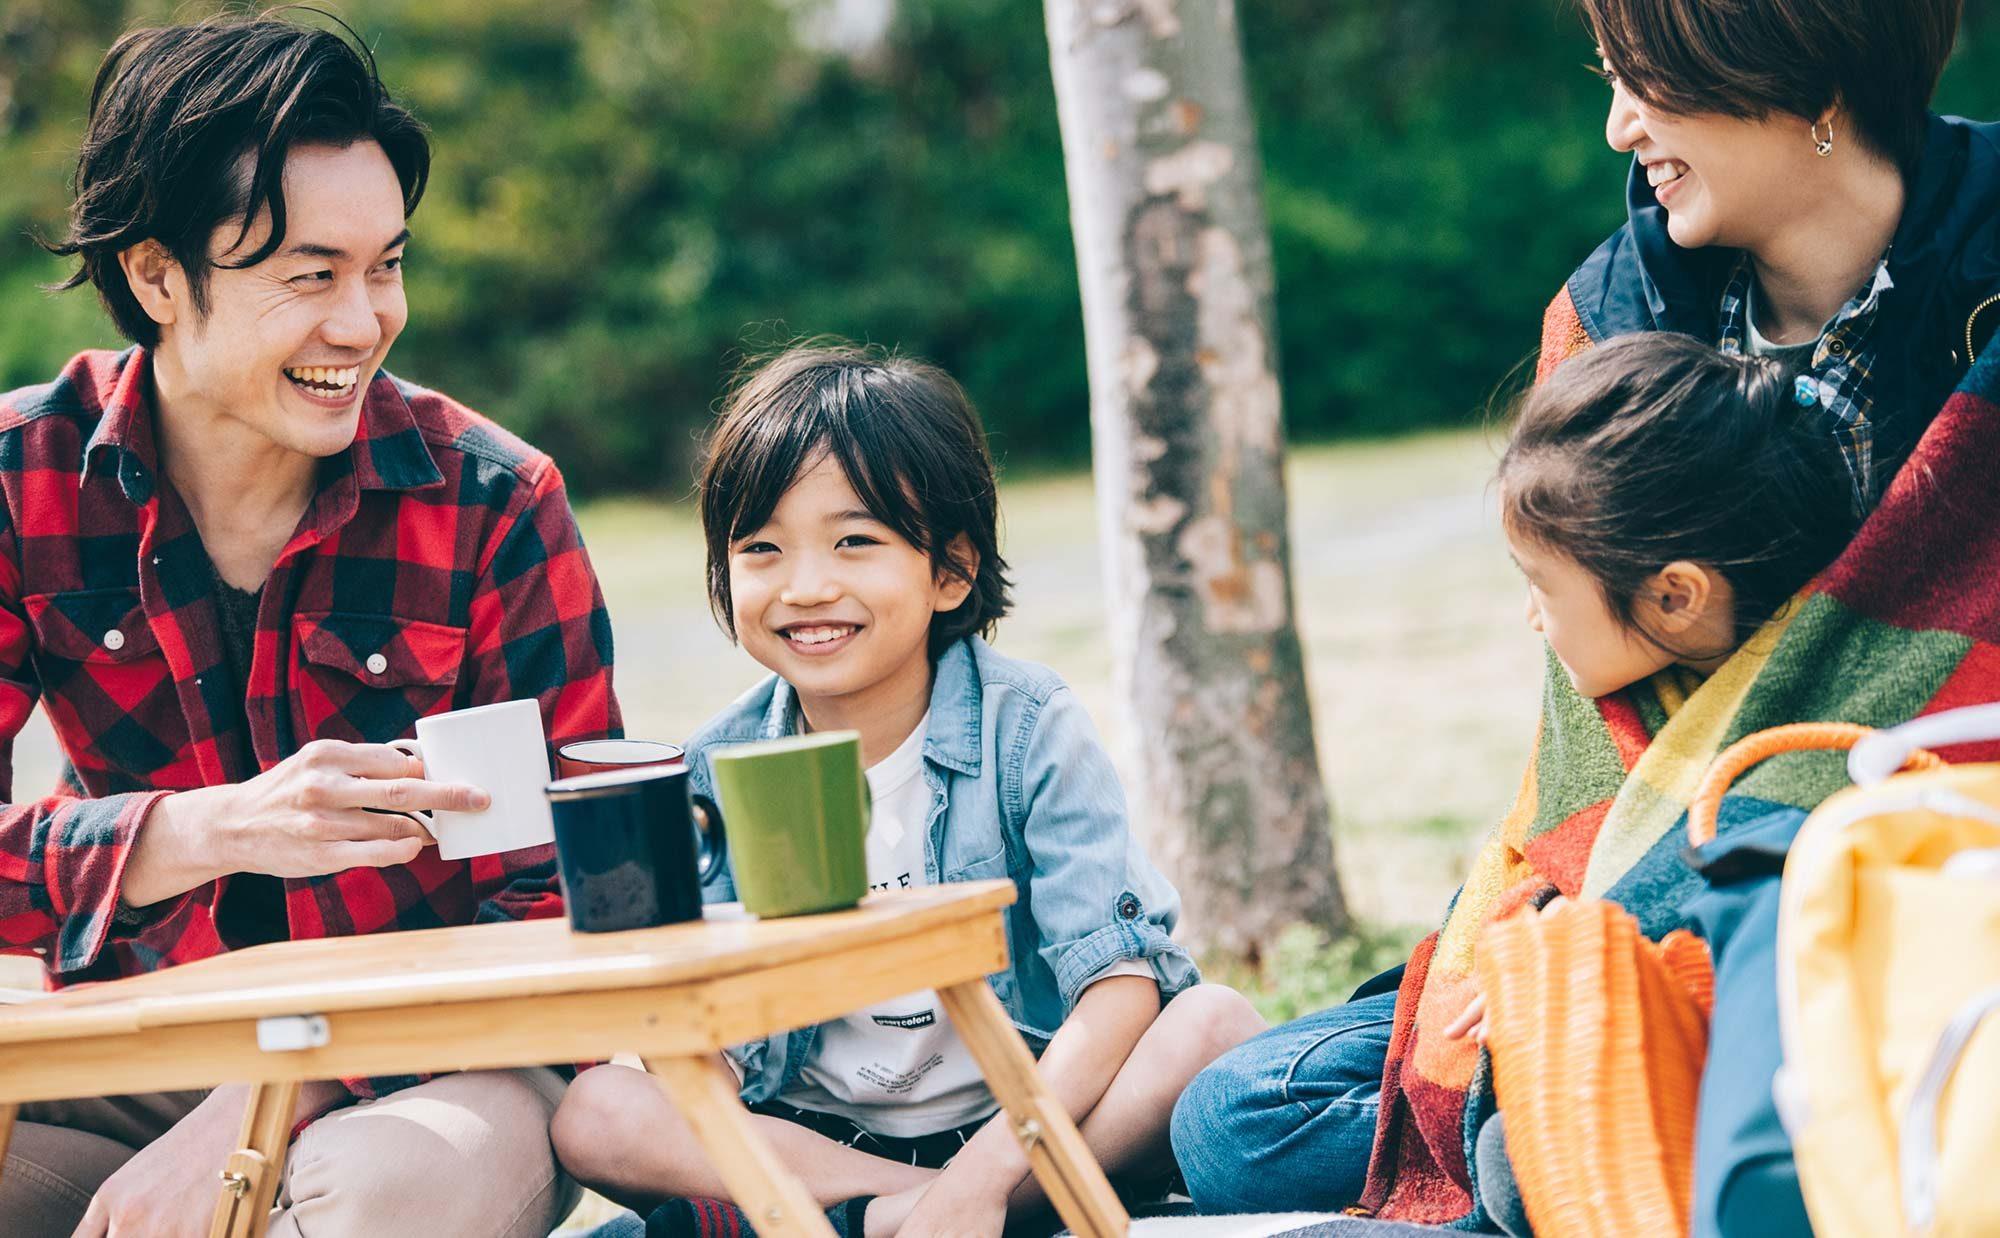 わが家の趣味は「秋×都心キャンプ」! 気軽に秋の味覚を楽しもう